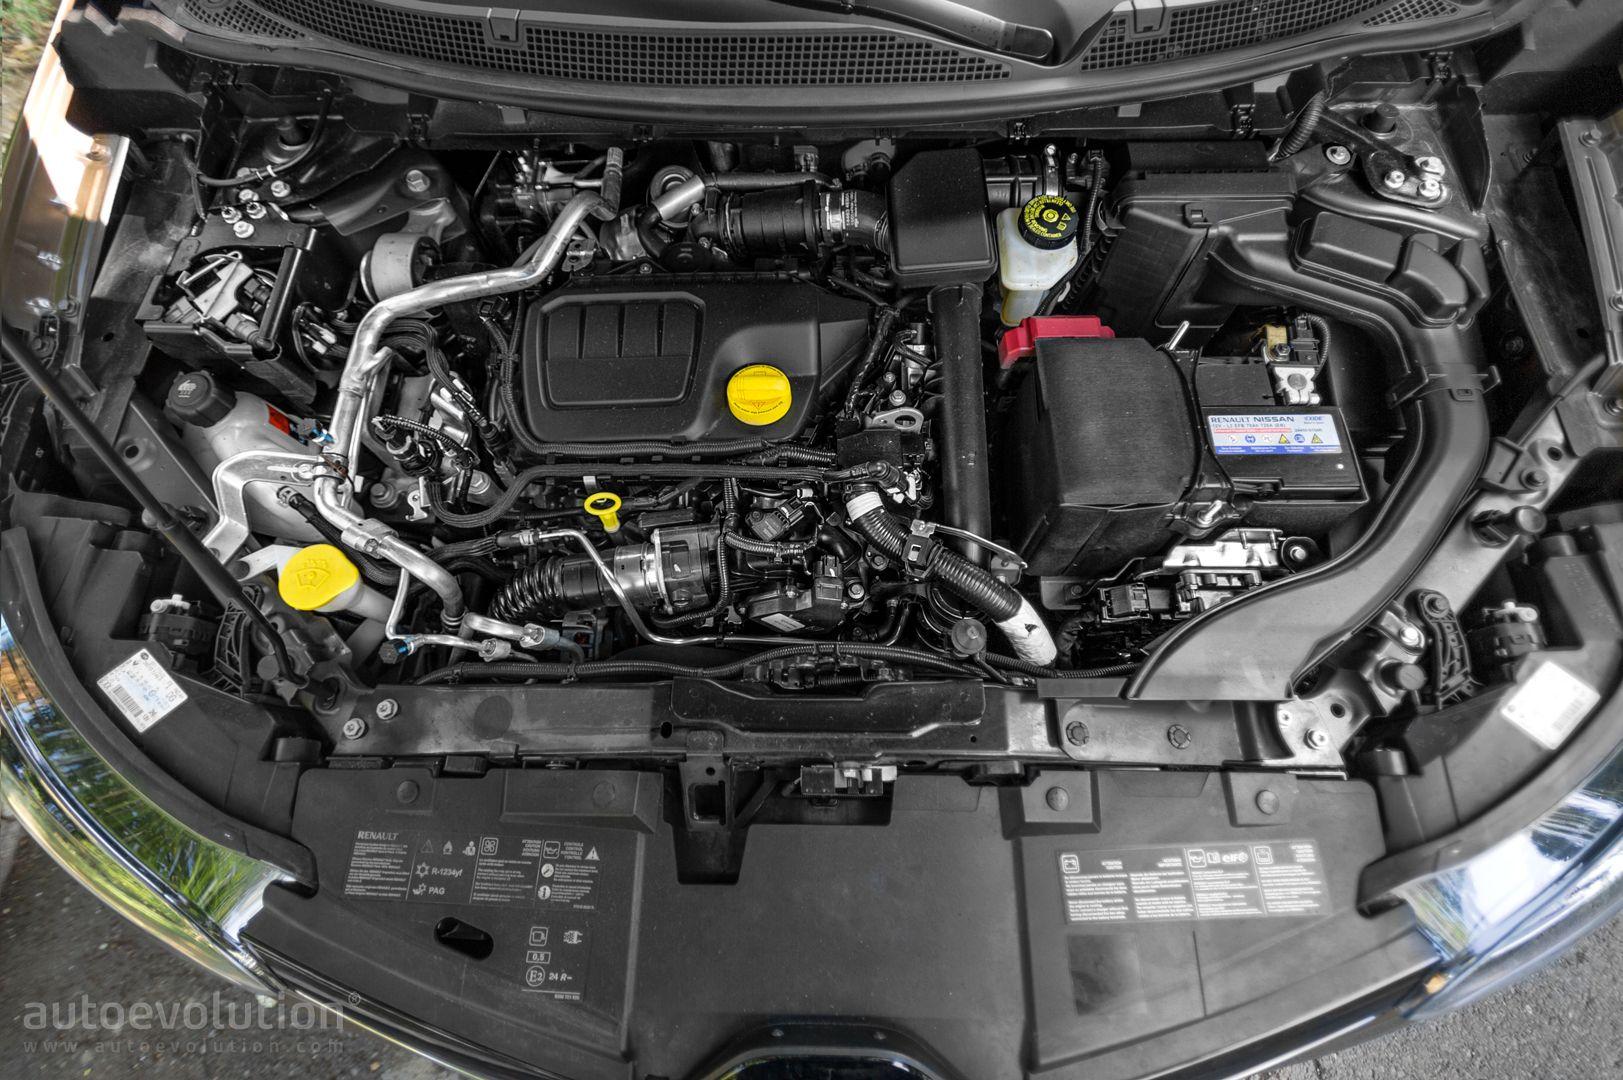 2015 Renault Kadjar Review - autoevolution